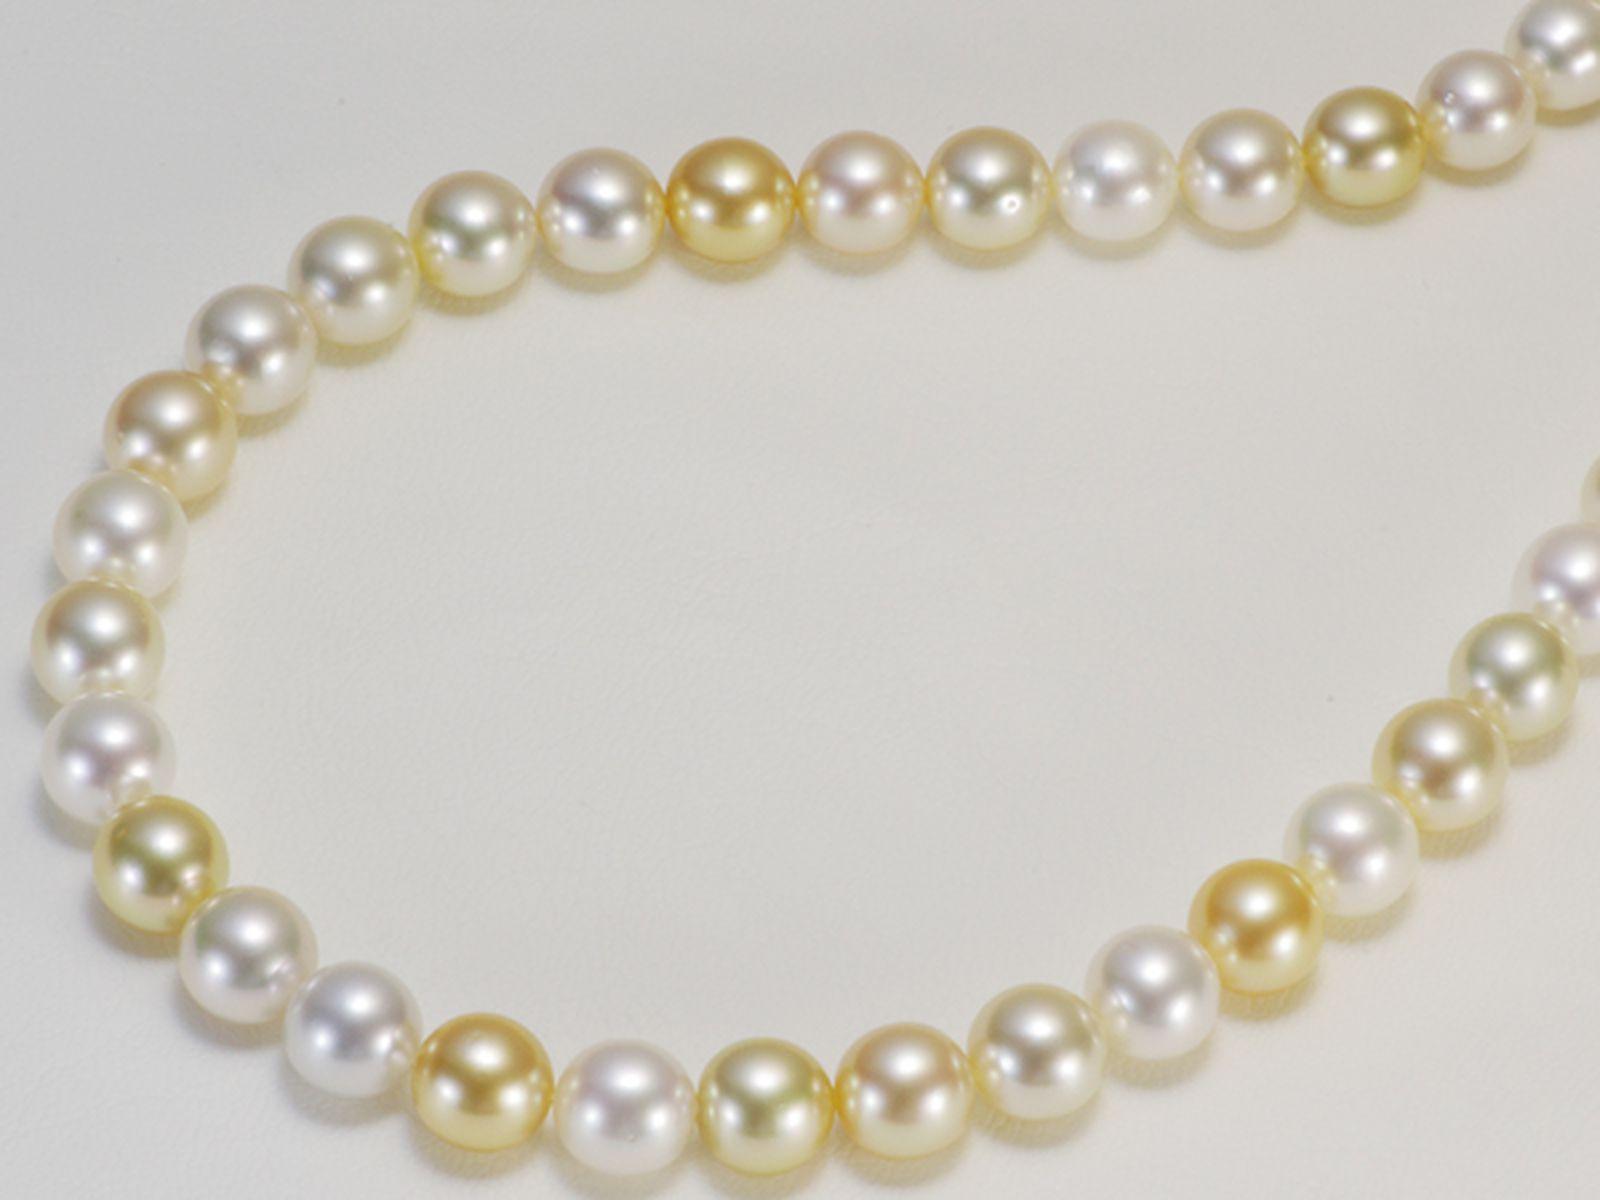 南洋白蝶真珠フォーマルネックレス 約9.0-9.9mmの写真